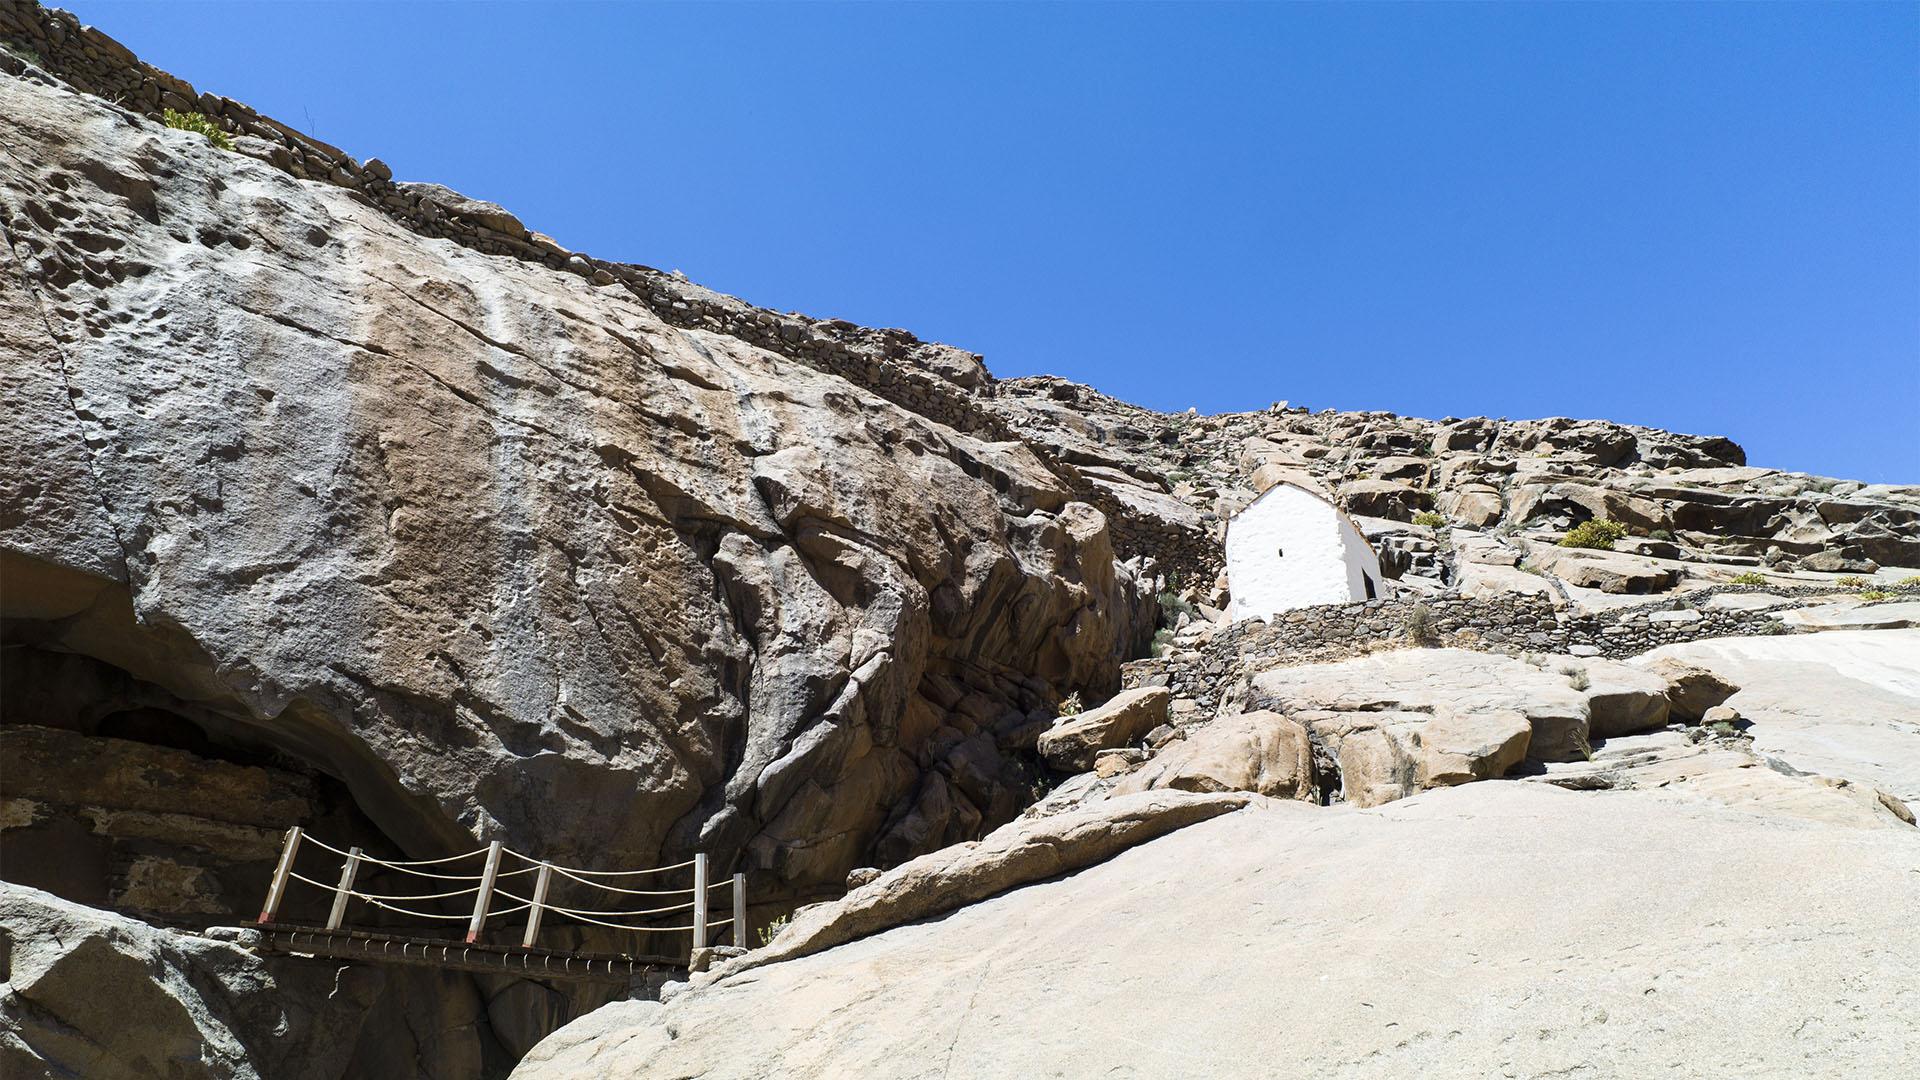 Barranco de las Peñitas – durch den Flusslauf zog Gadafir de La Salle und seine Mannschaft im November 1404 ins heutige Betancuria, um dort das Fort Valtarajes zu errichten.